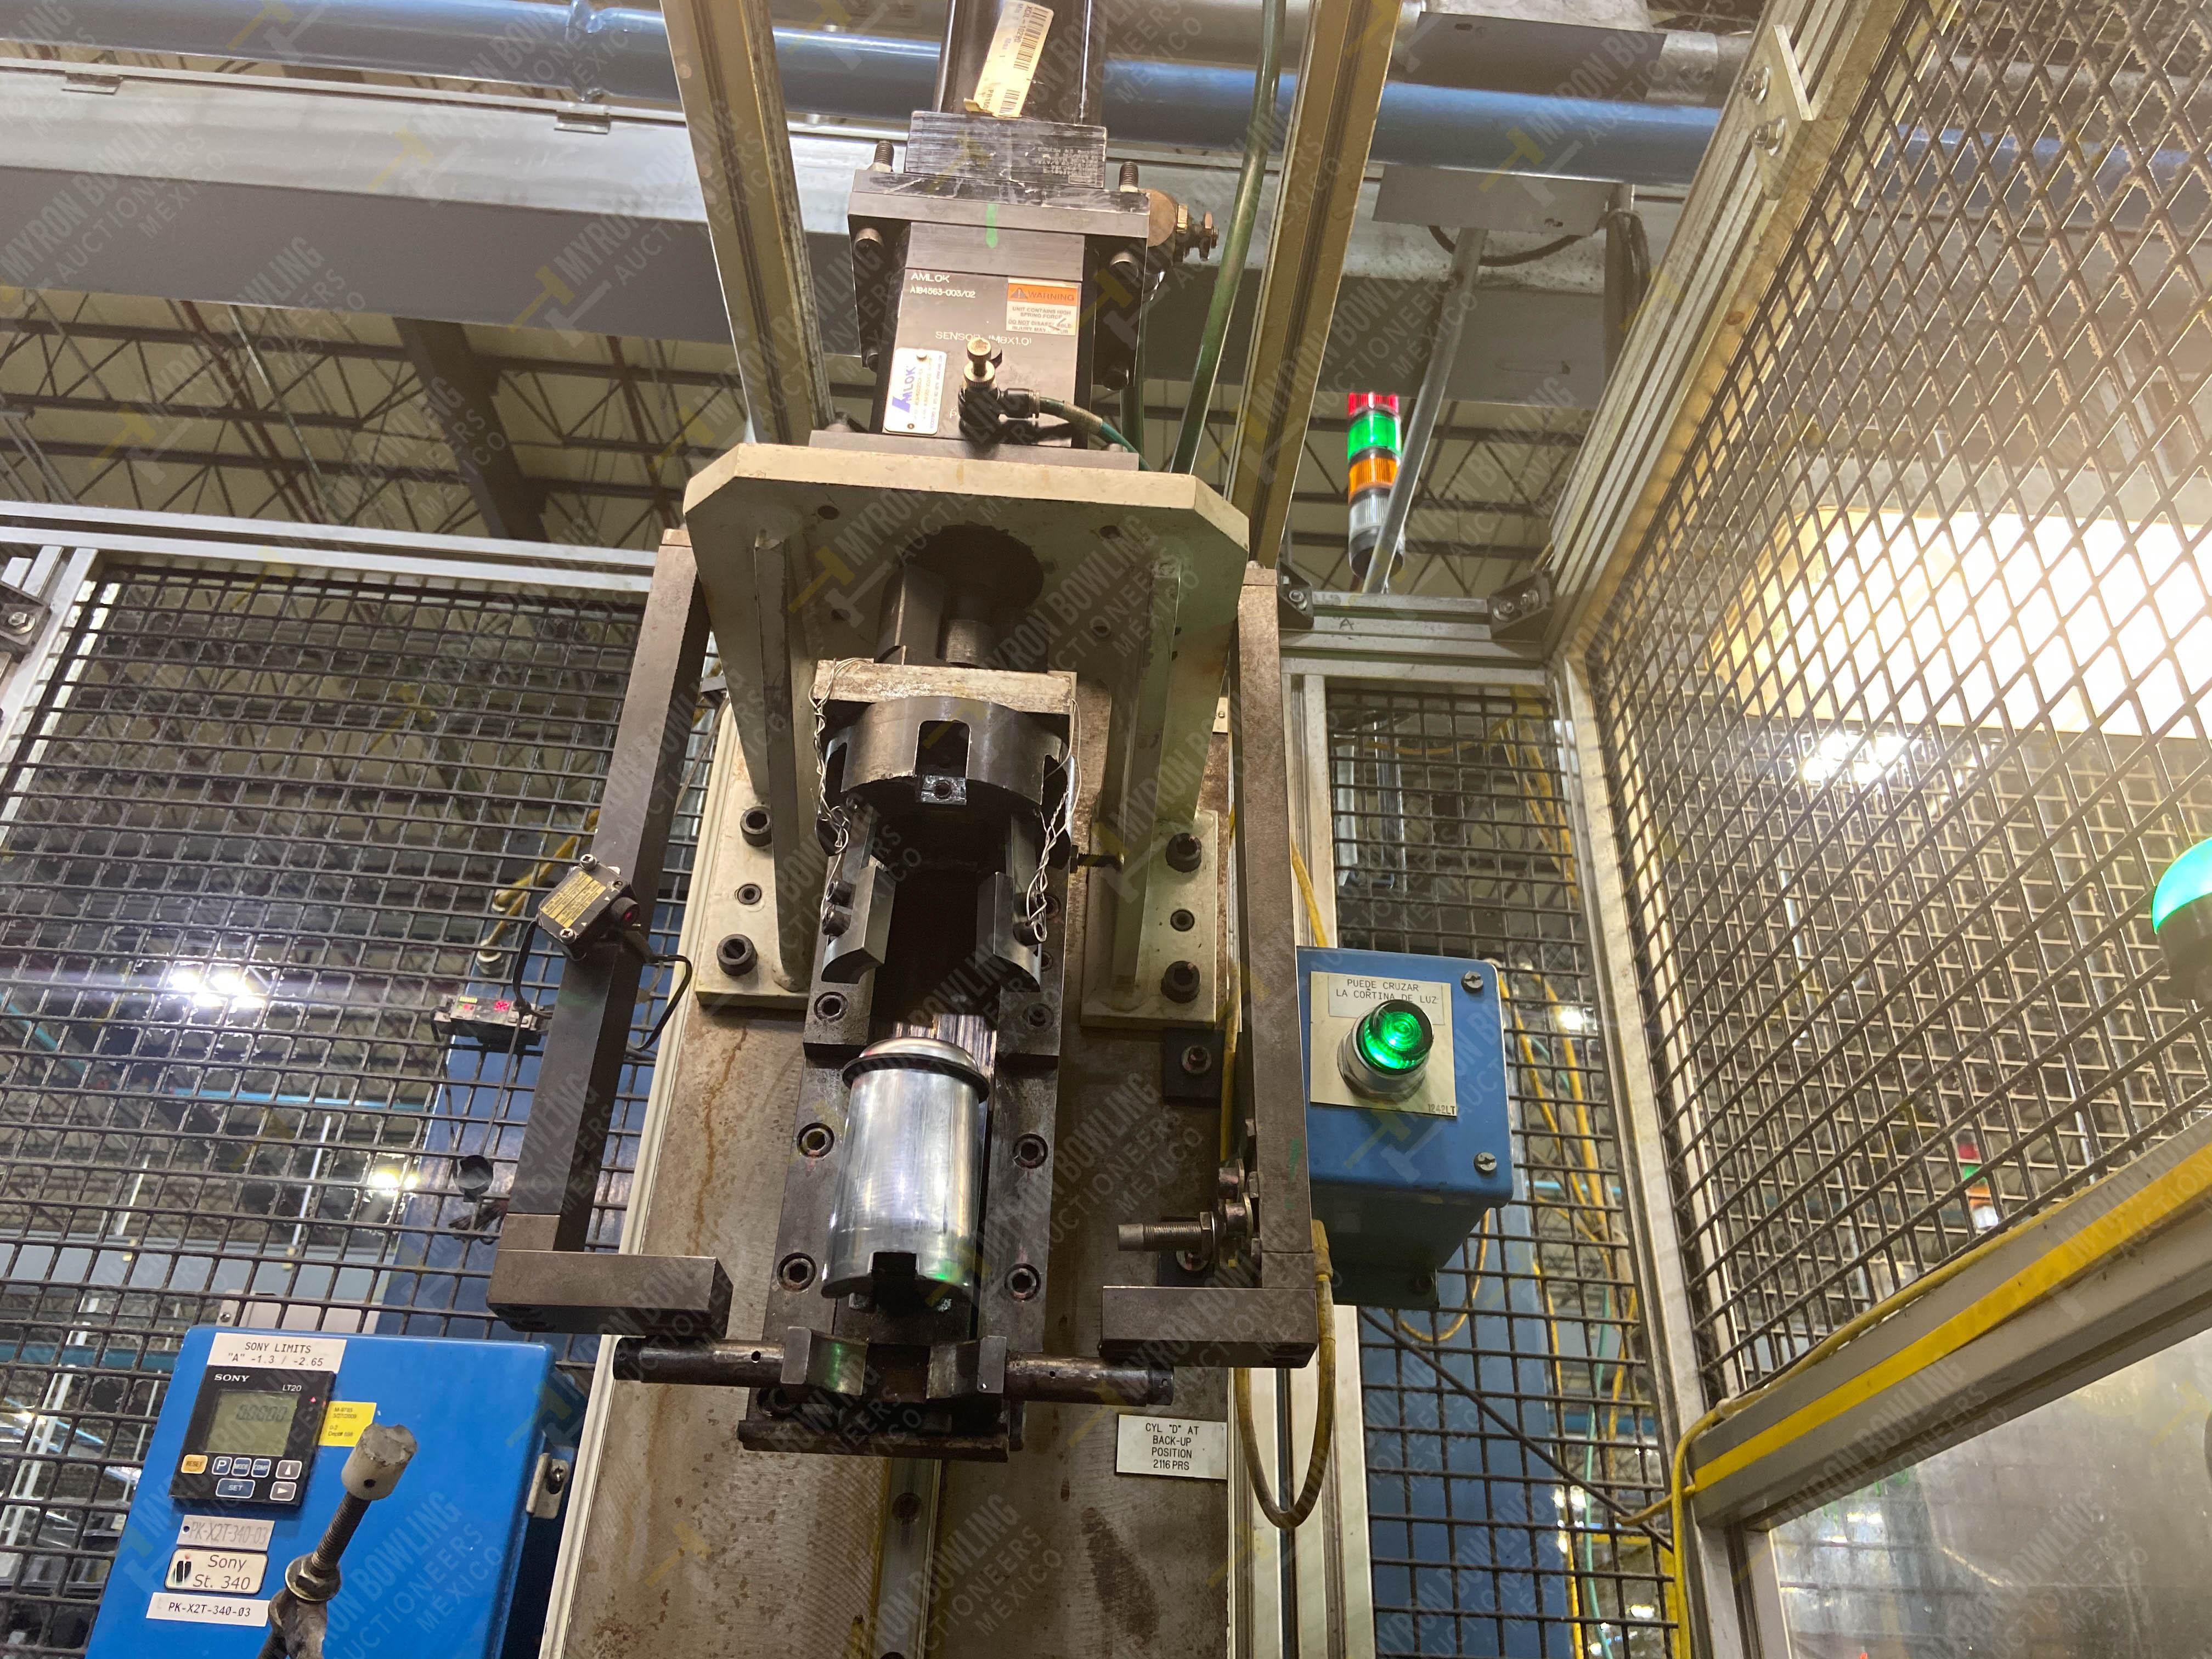 Estación semiautomática para operación 340, contiene: Prensa en estructura de placa de acero - Image 8 of 32